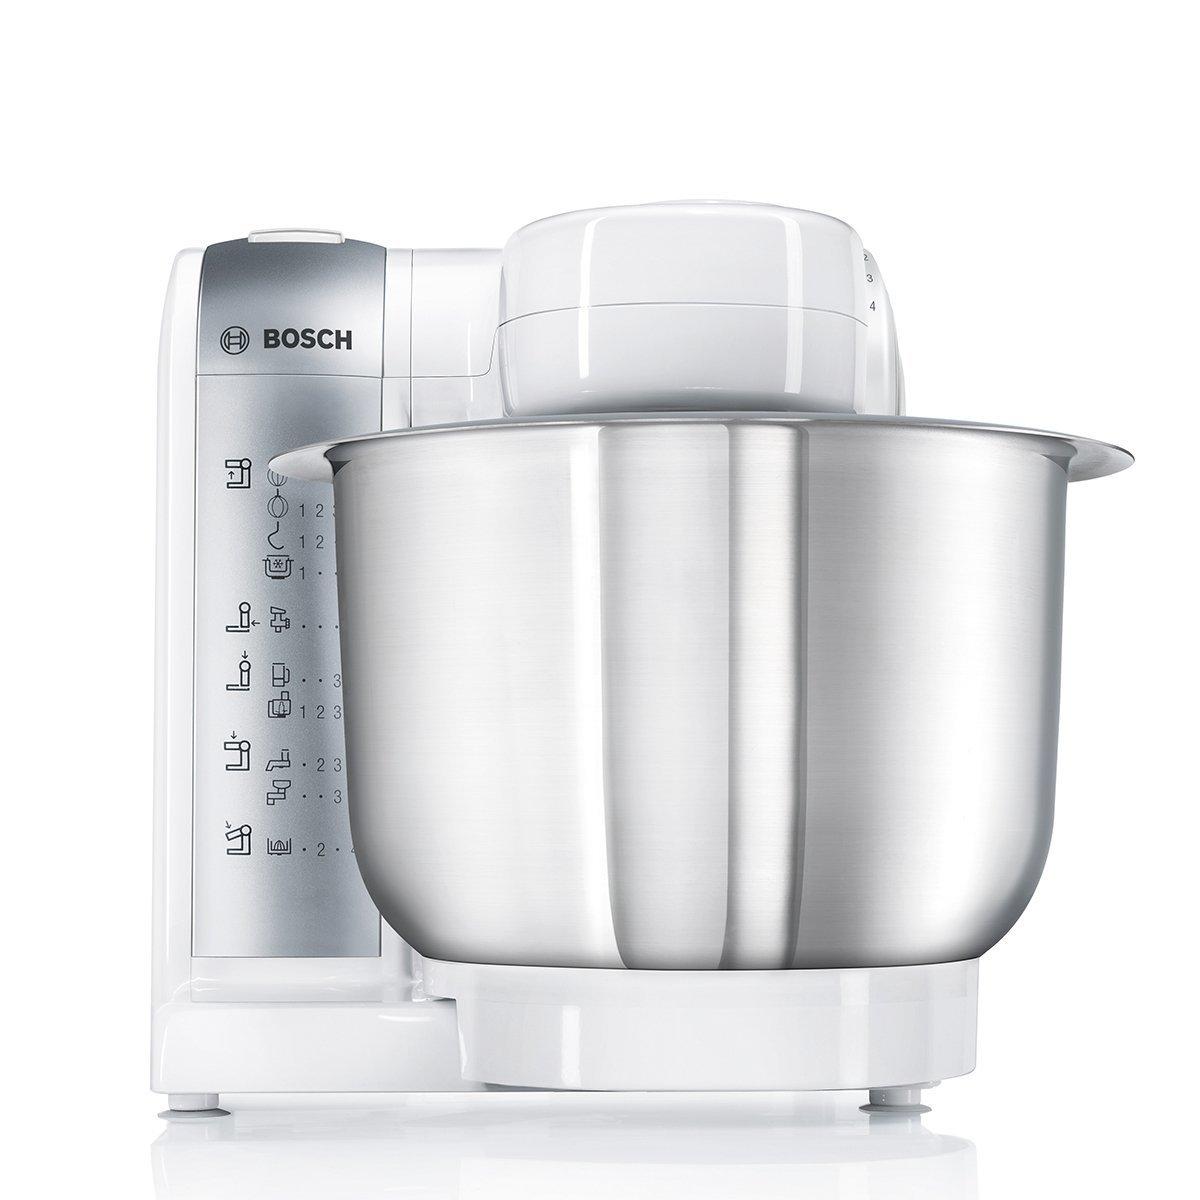 Nur 149,00€: Küchenmaschine Bosch Bosch Küchenmaschine im Test 2019